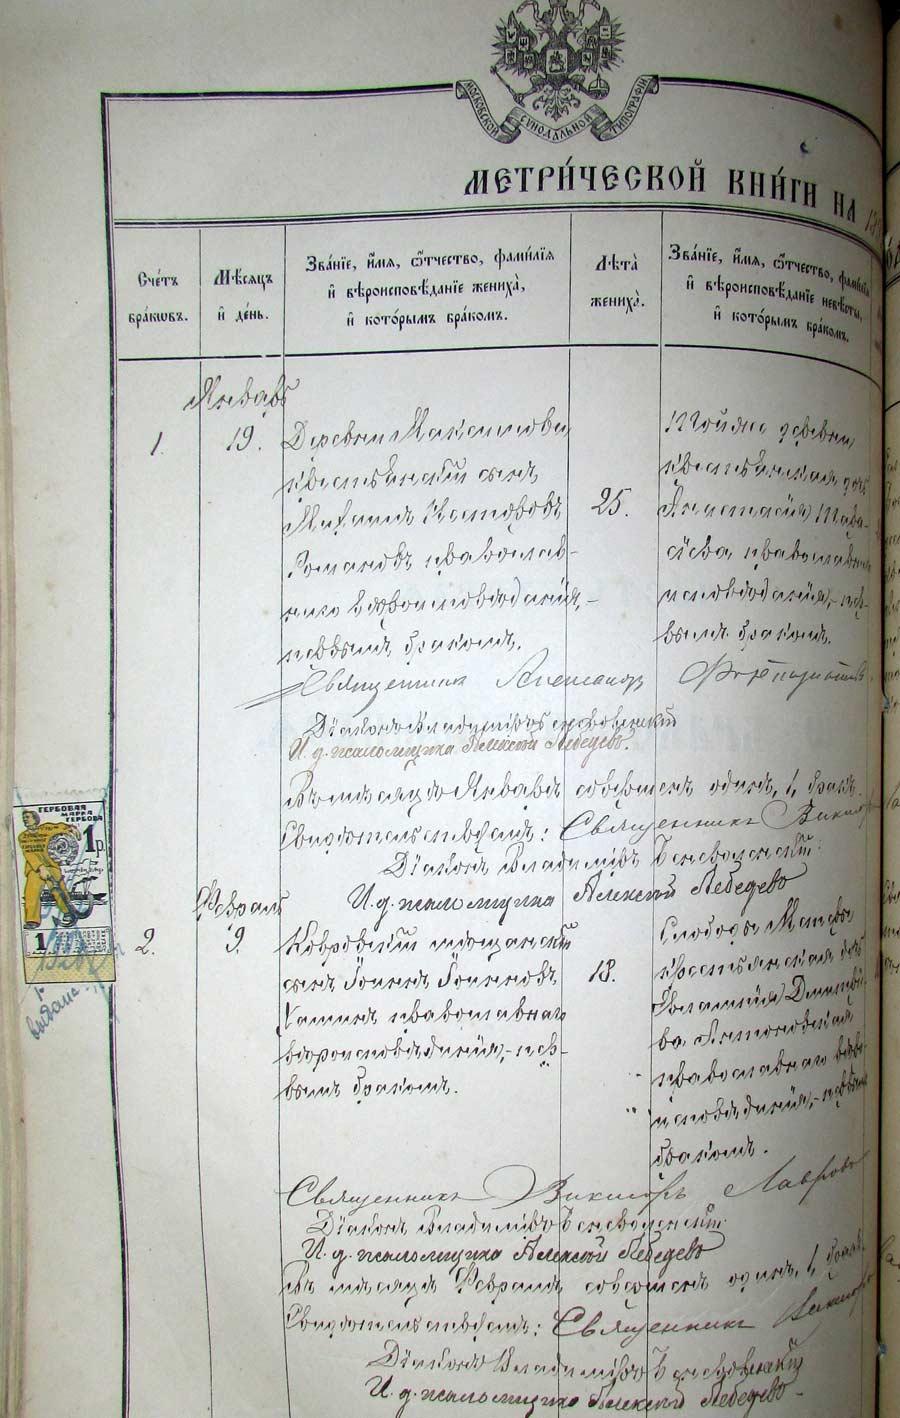 метрические книги шадринского района сотрудники службы поддержки